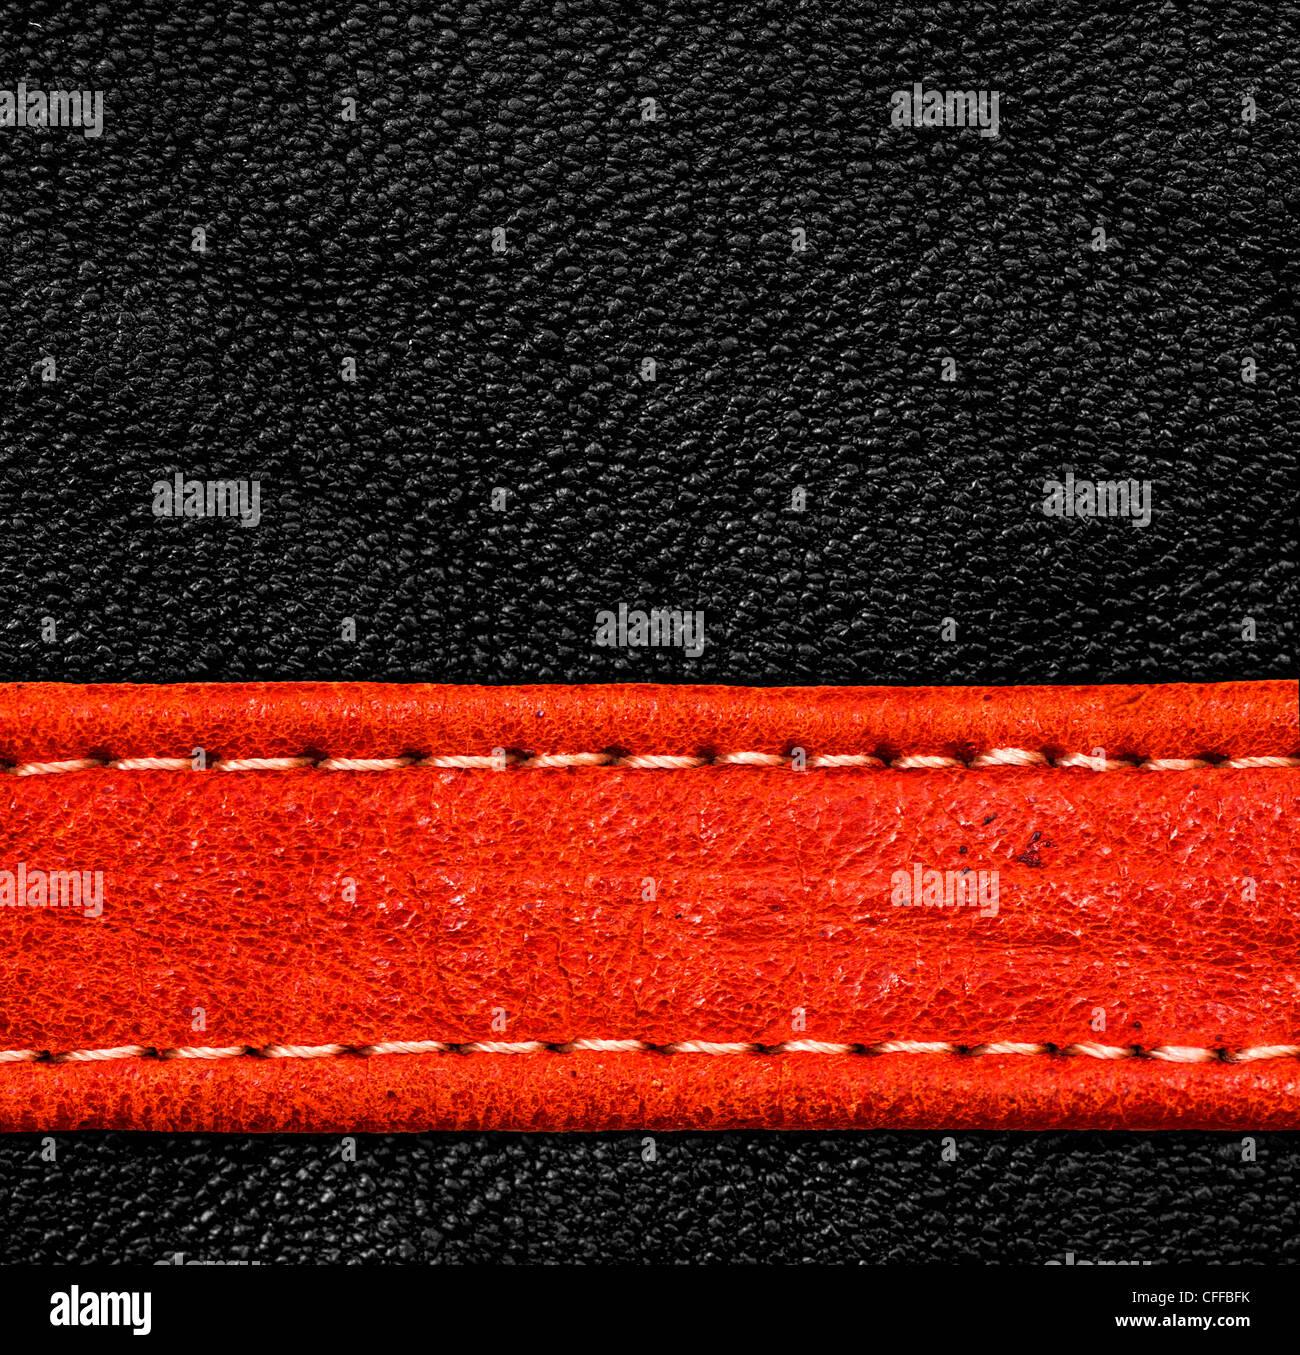 Una textura de cuero marrón. alta resolución. Imagen De Stock